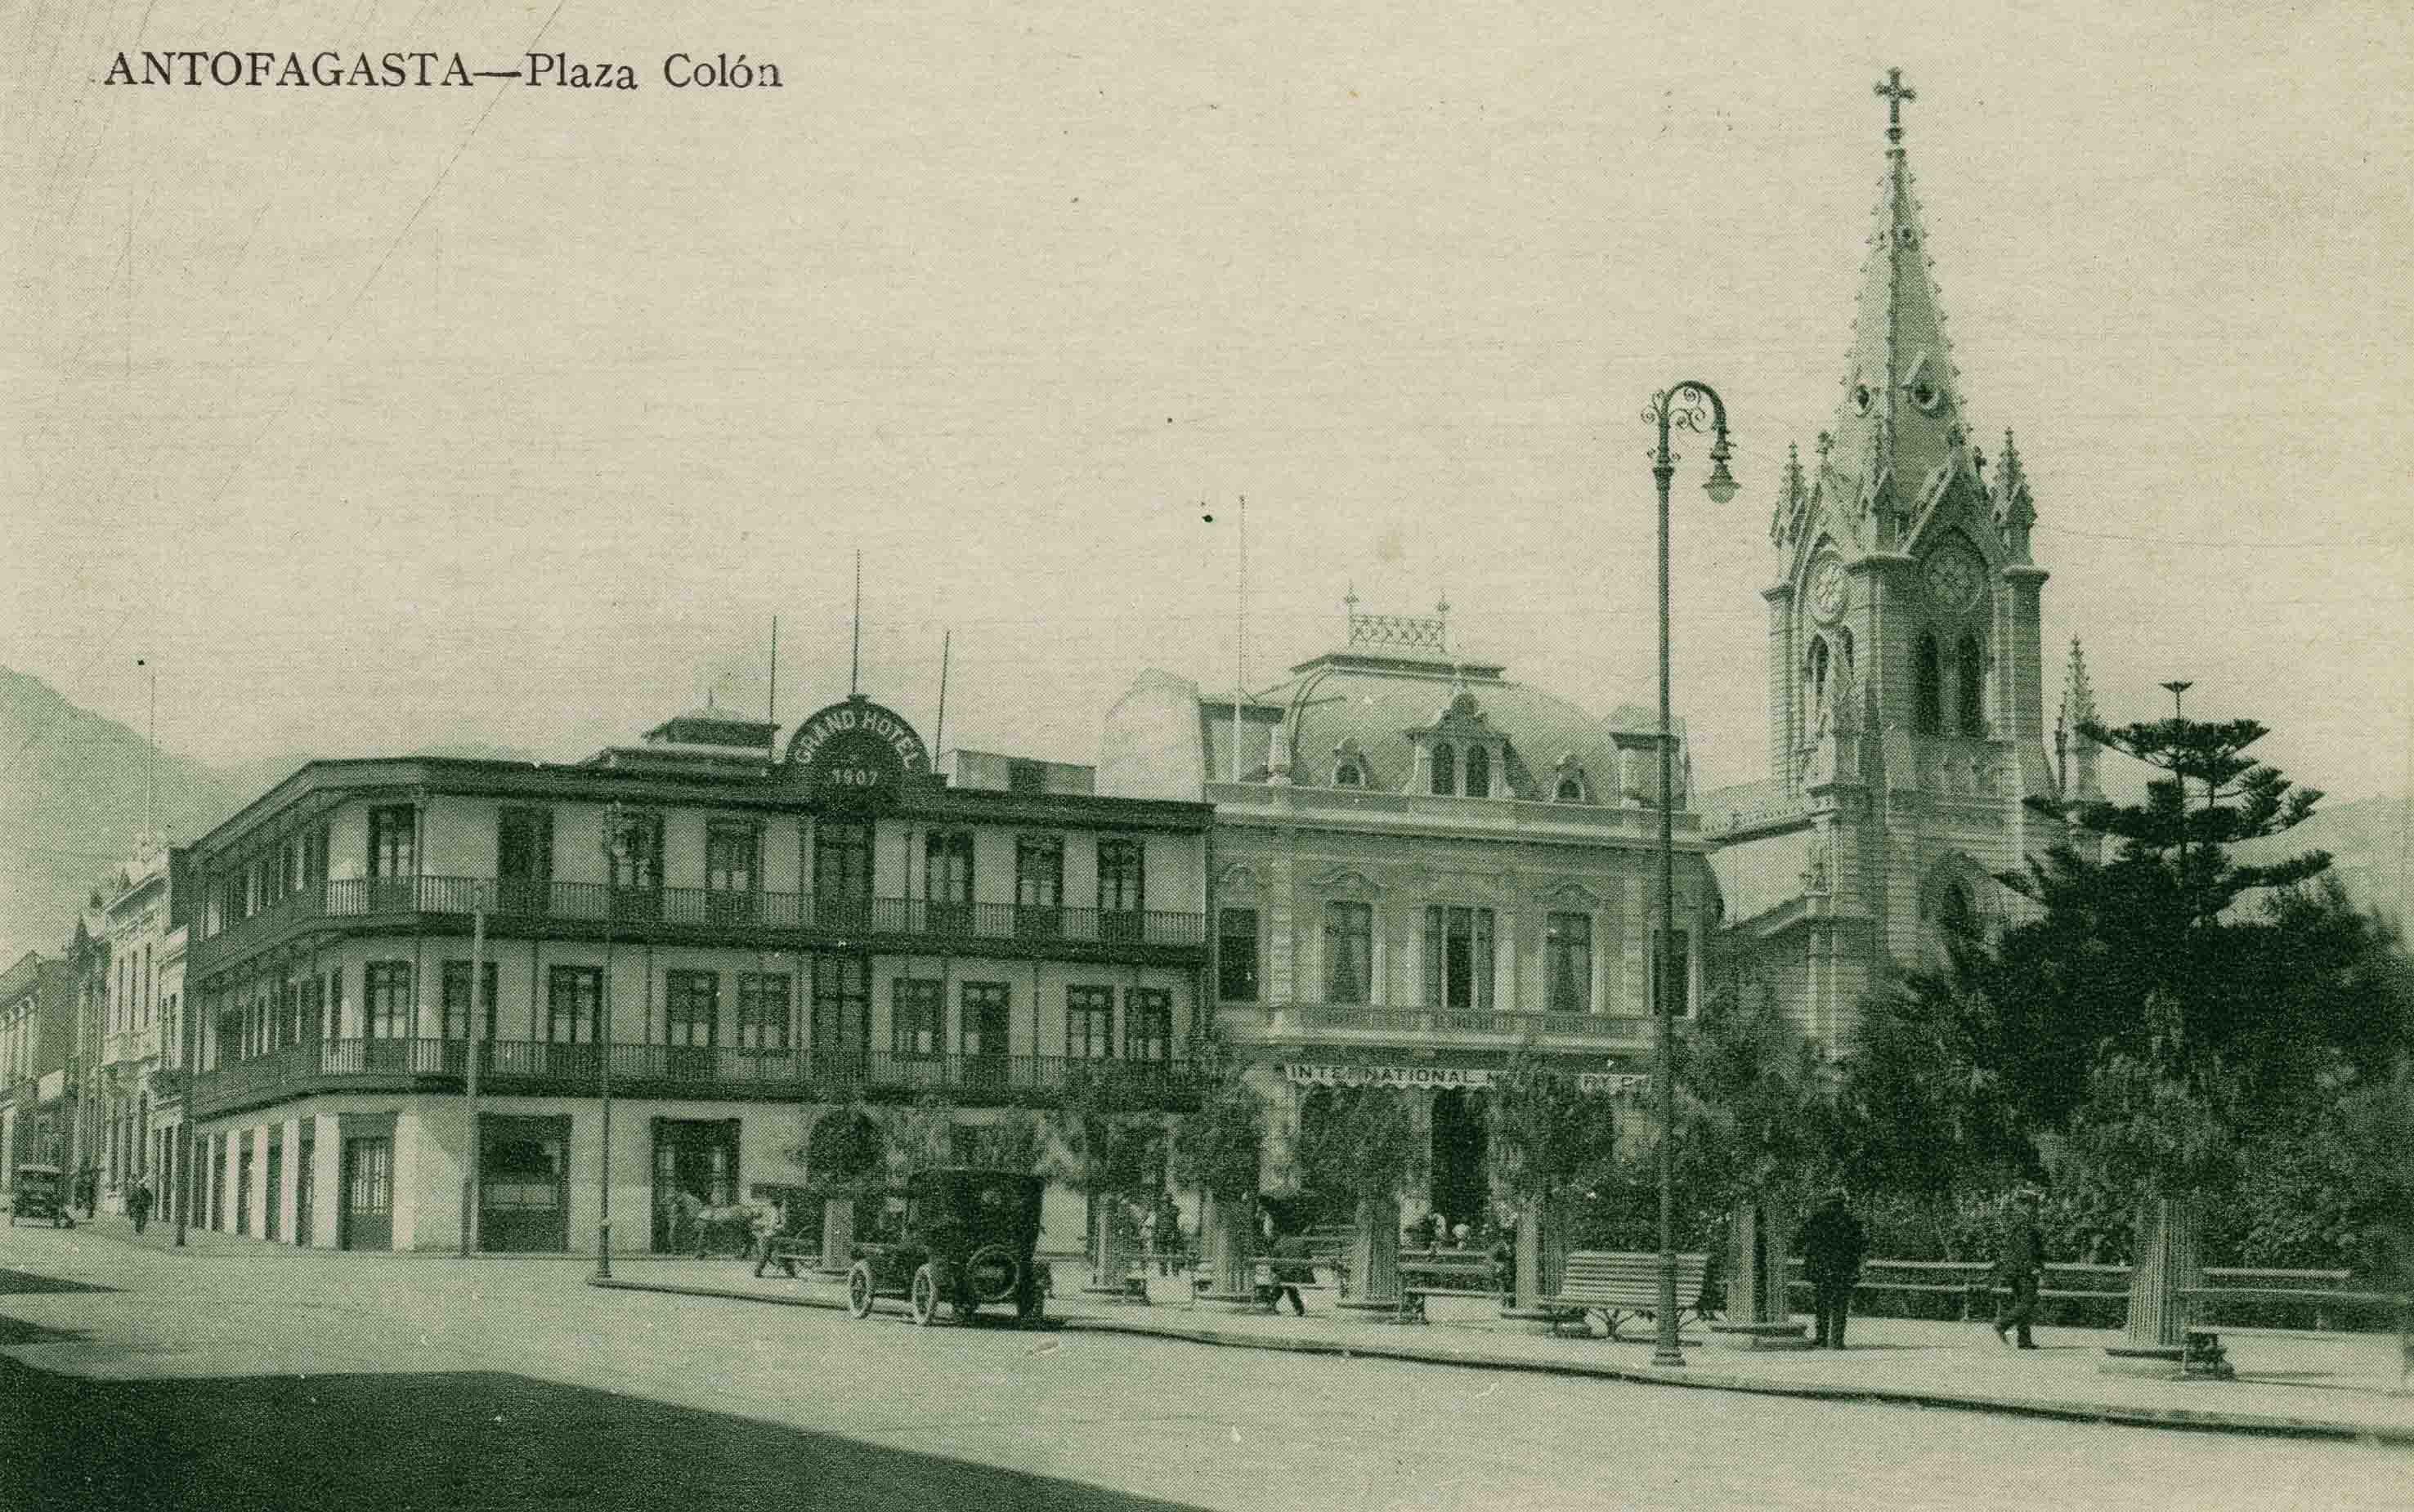 Enterreno - Fotos históricas de chile - fotos antiguas de Chile - Antofagasta ca. 1910